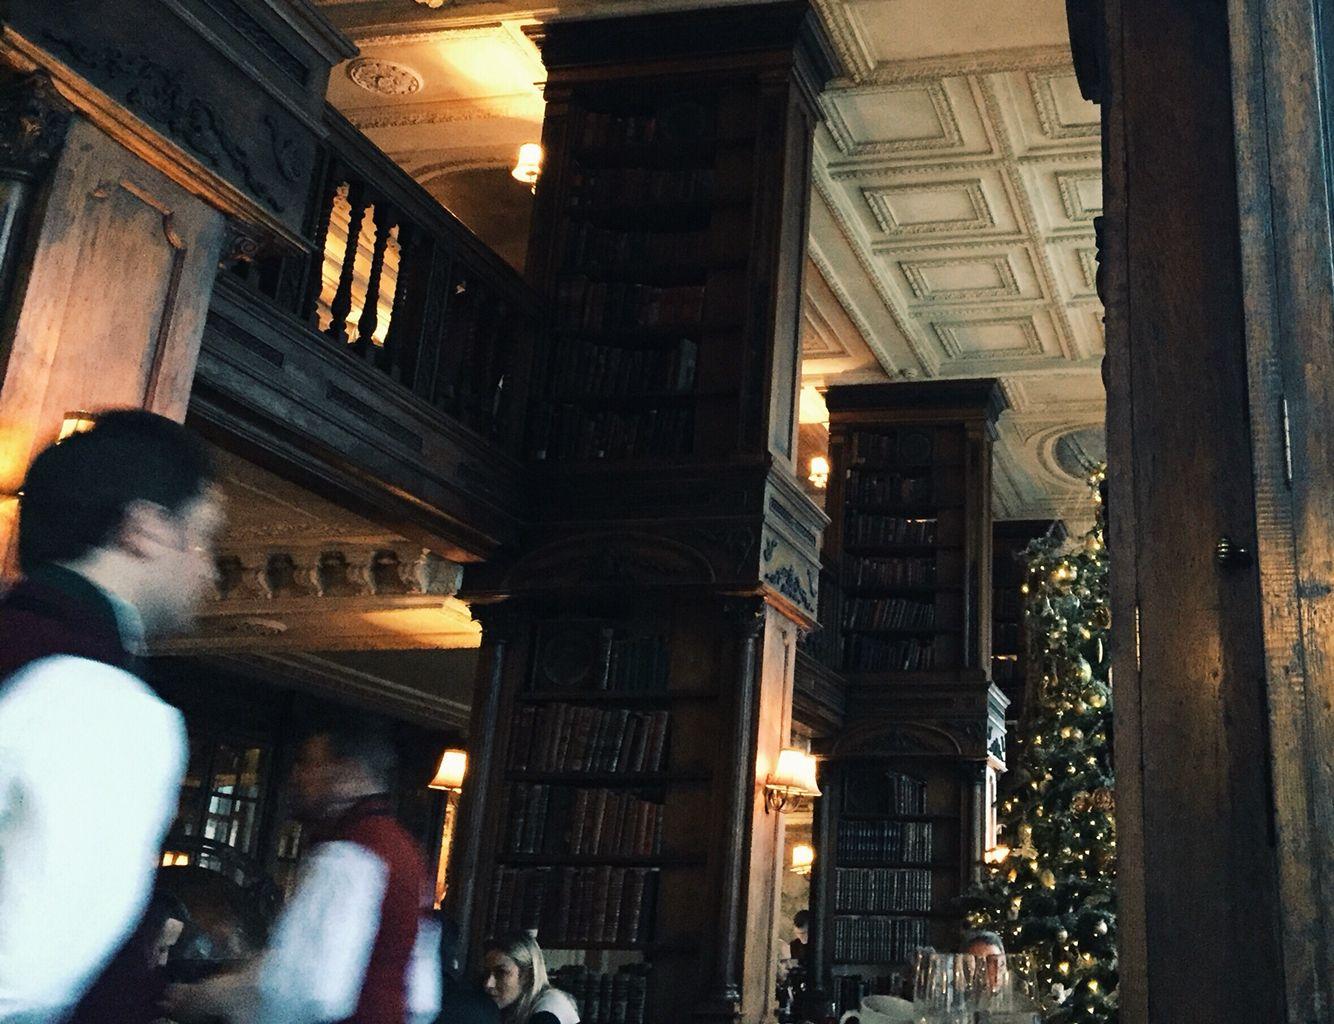 Ресторан Пушкин, Москва